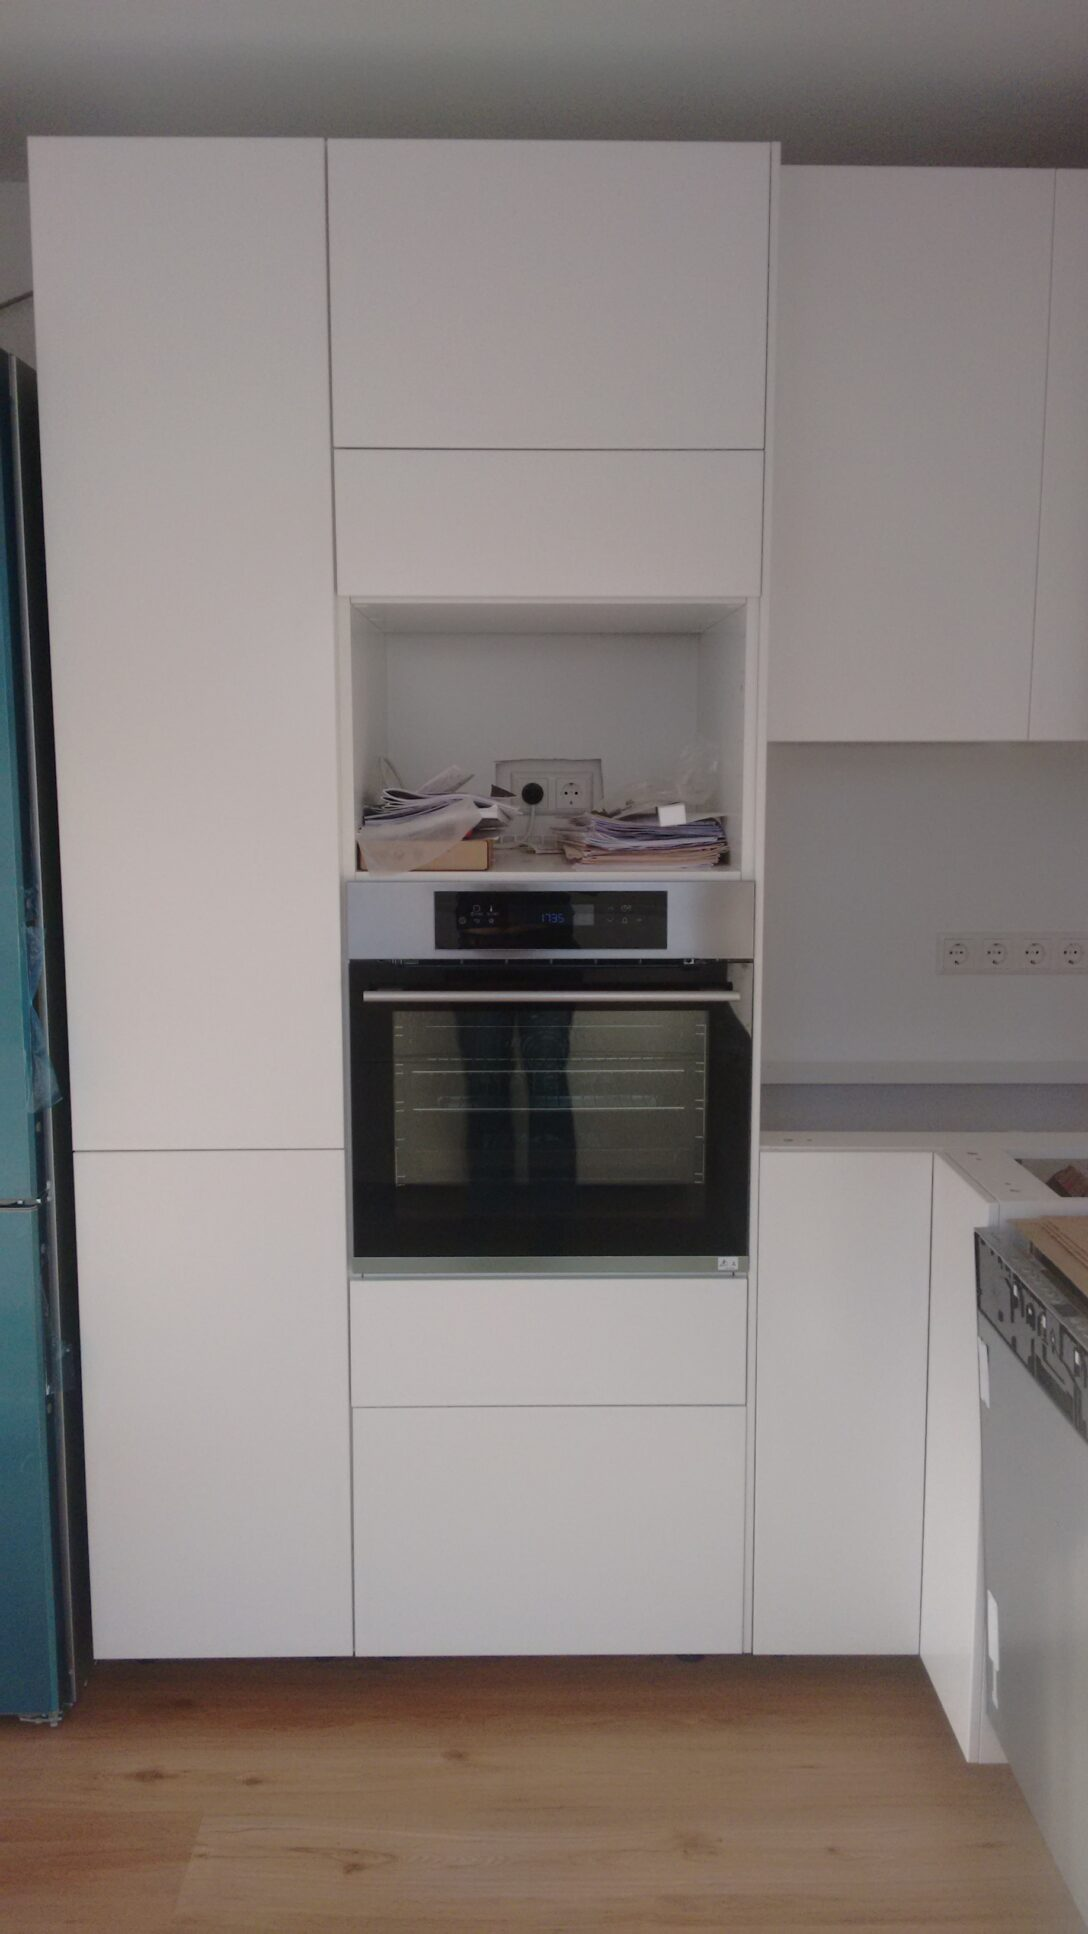 Large Size of Ikea Metod Ein Erfahrungsbericht Projekt Küche Aufbewahrung Gebrauchte Verkaufen Weiß Hochglanz Landküche Mischbatterie Polsterbank Aufbewahrungsbehälter Wohnzimmer Ikea Küche Eckschrank